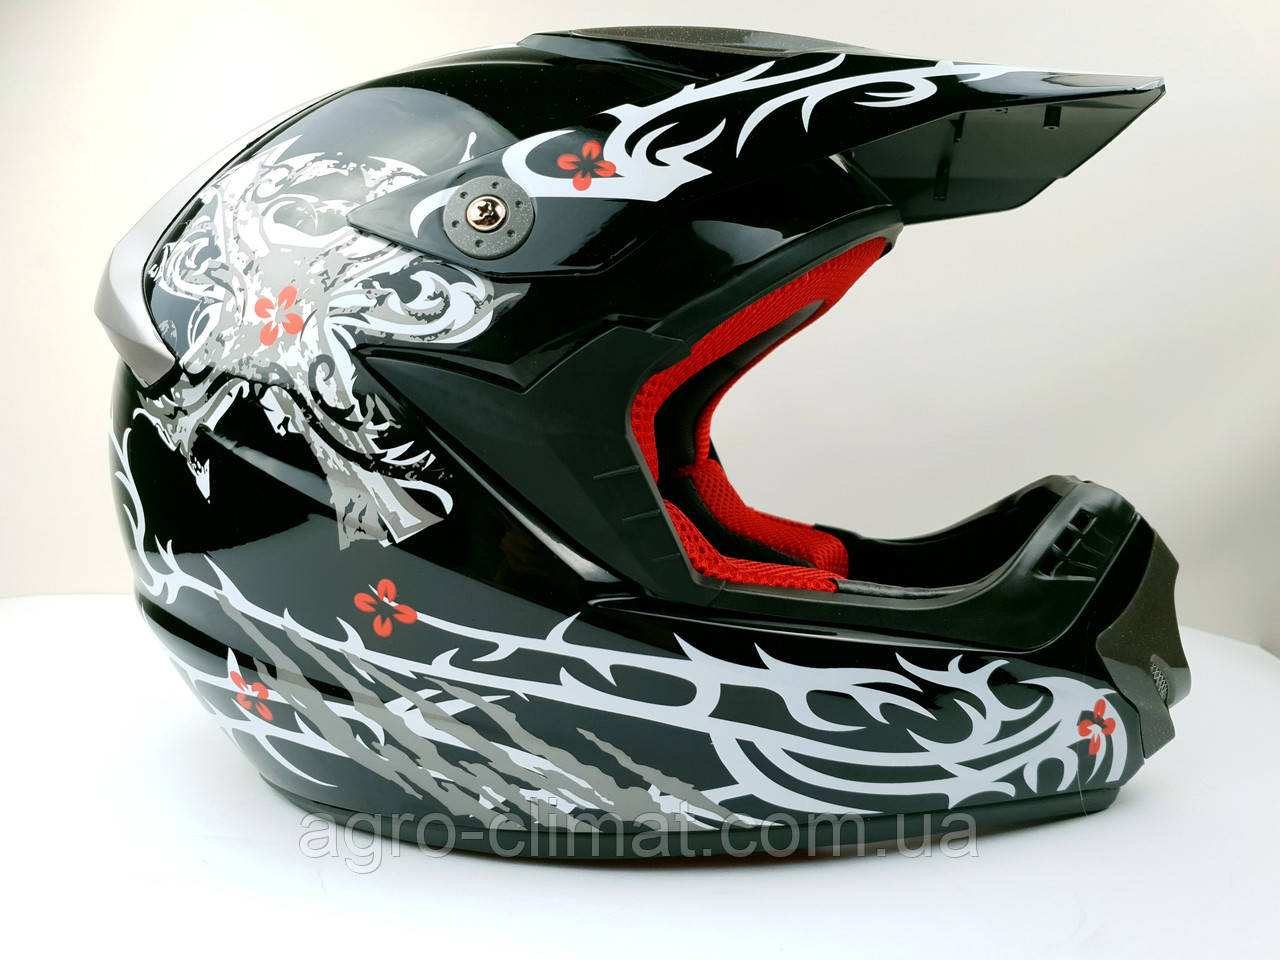 Шлем для мотоцикла Hel-Met 117 черный кроссовый , фото 1